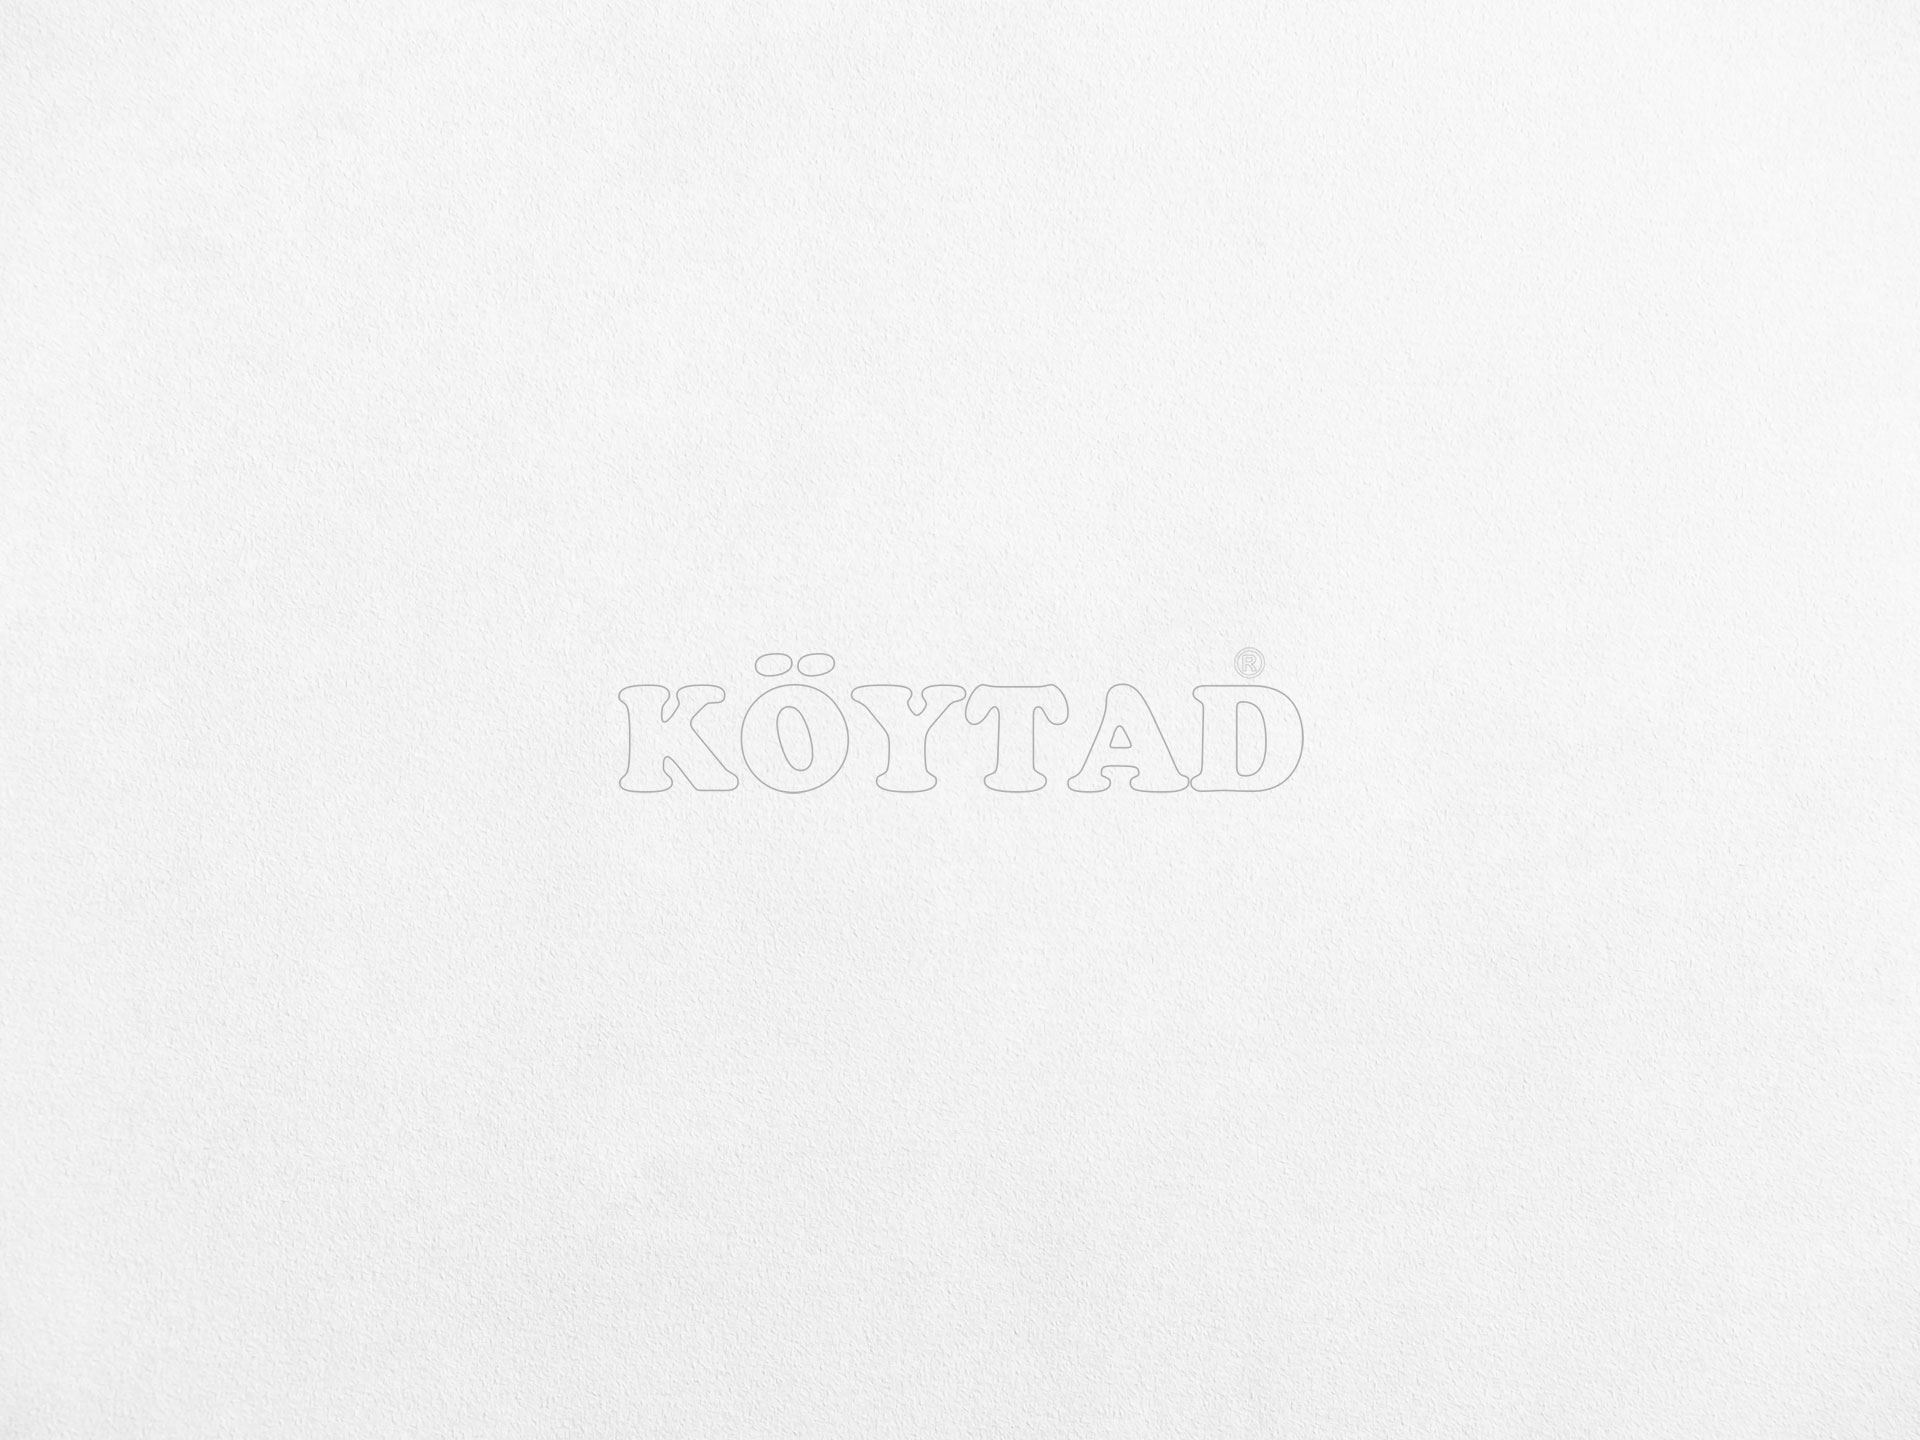 Koytad-Kein-Bild